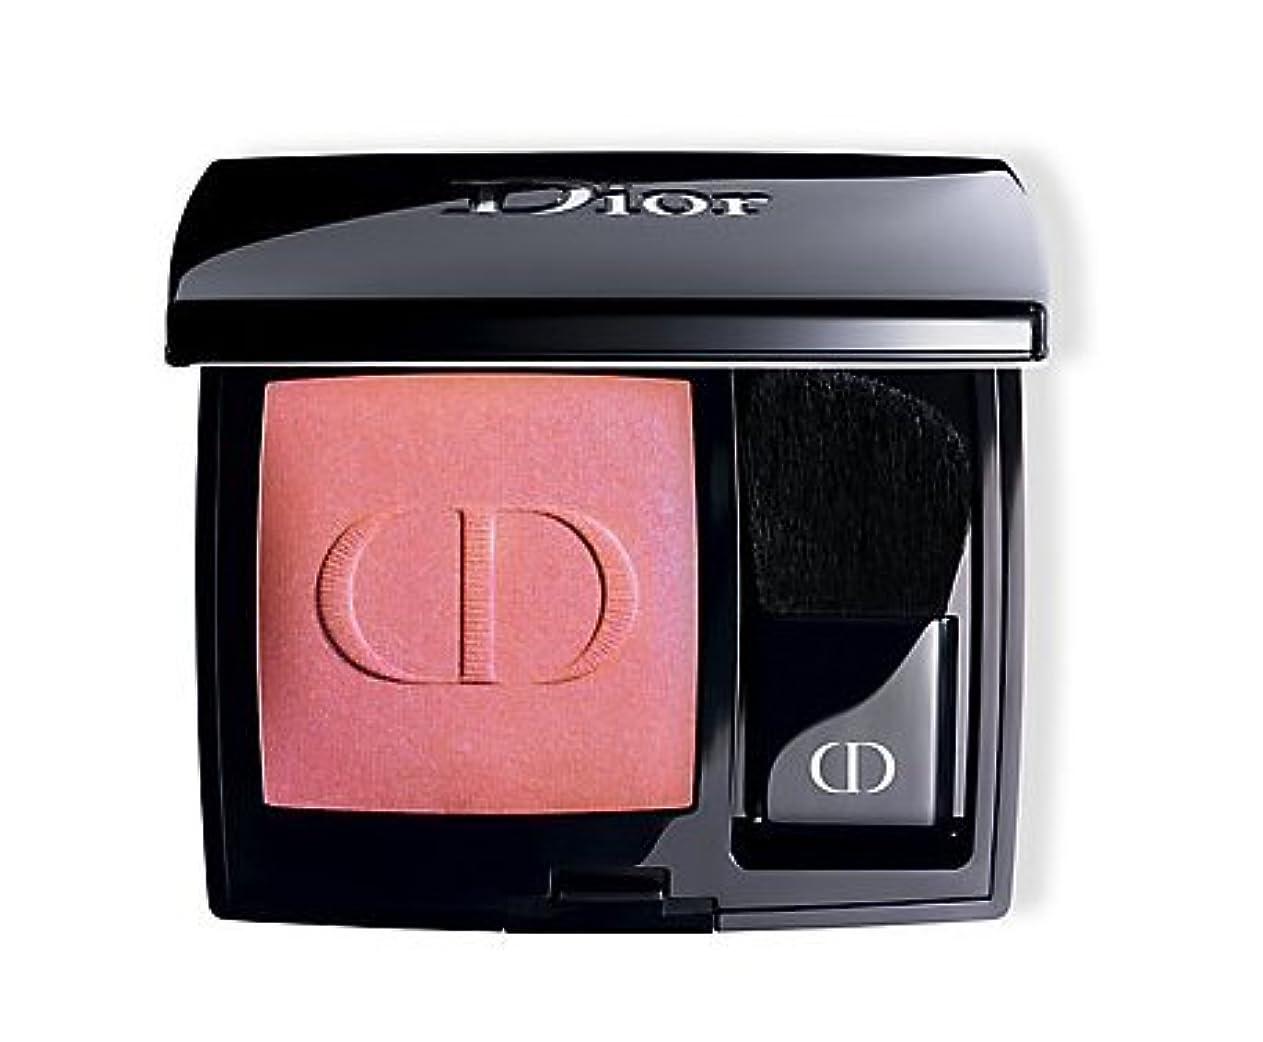 オーラル時々バーマド【国内正規品】Dior ディオール ディオールスキン ルージュ ブラッシュ(チークカラー)#601 ホログラム